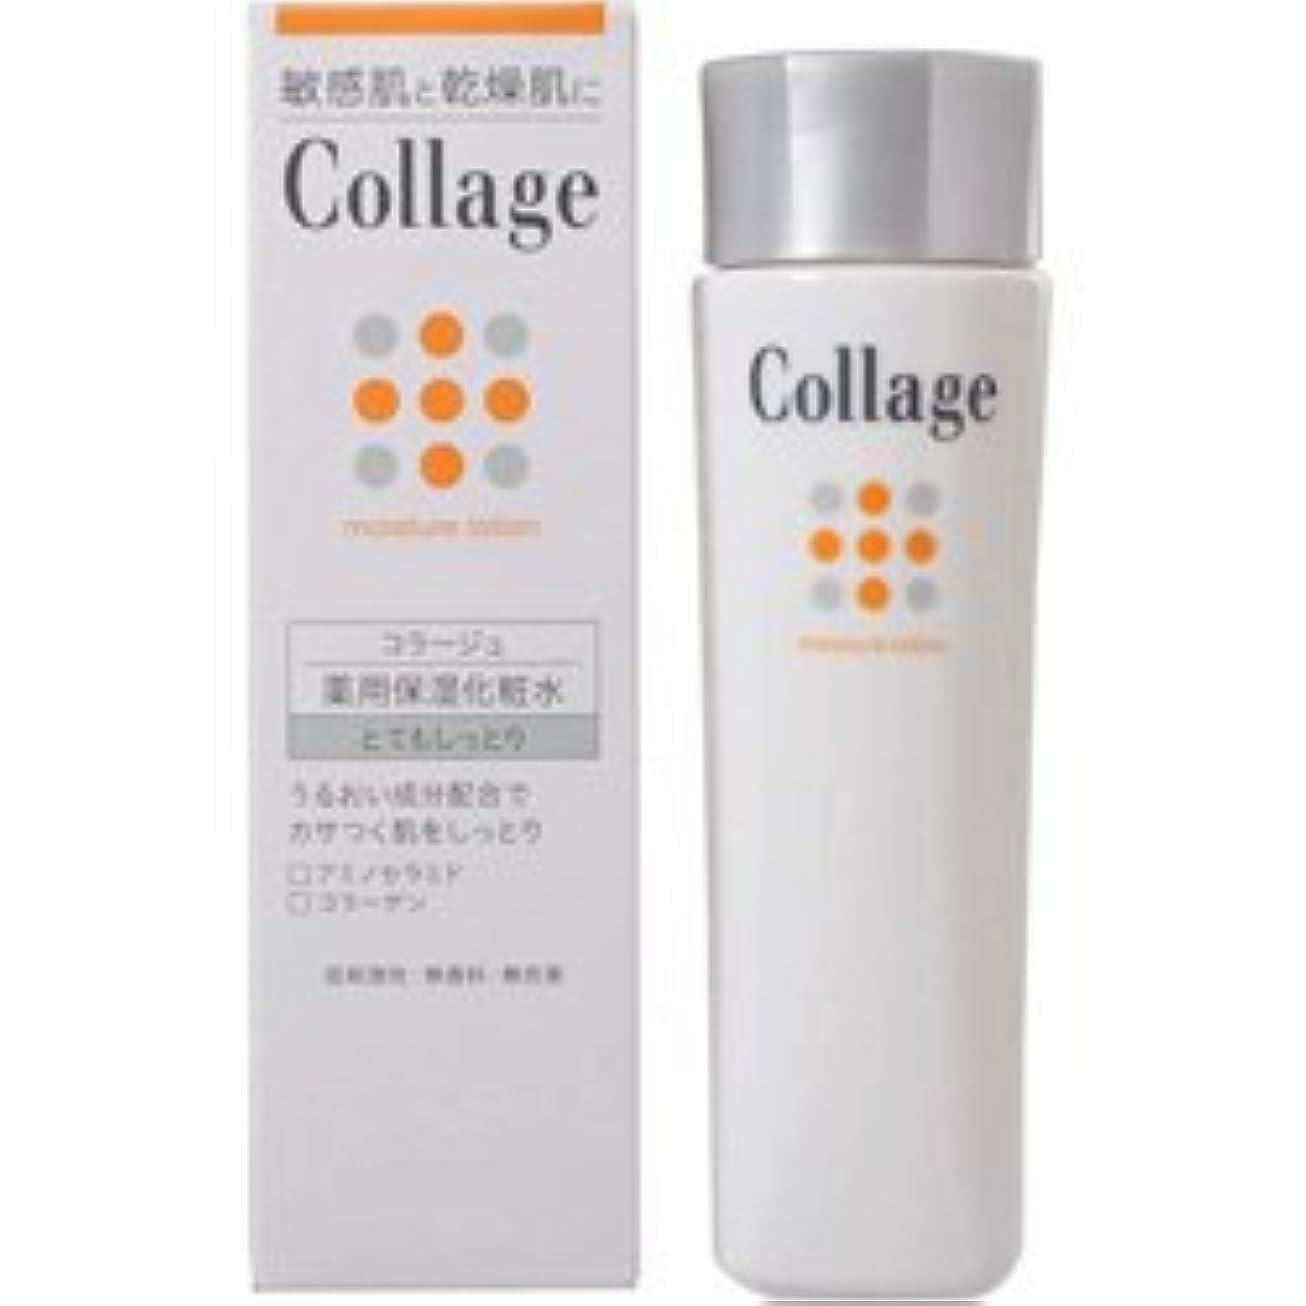 【持田ヘルスケア】 コラージュ薬用保湿化粧水 とてもしっとり 120ml (医薬部外品) ×3個セット